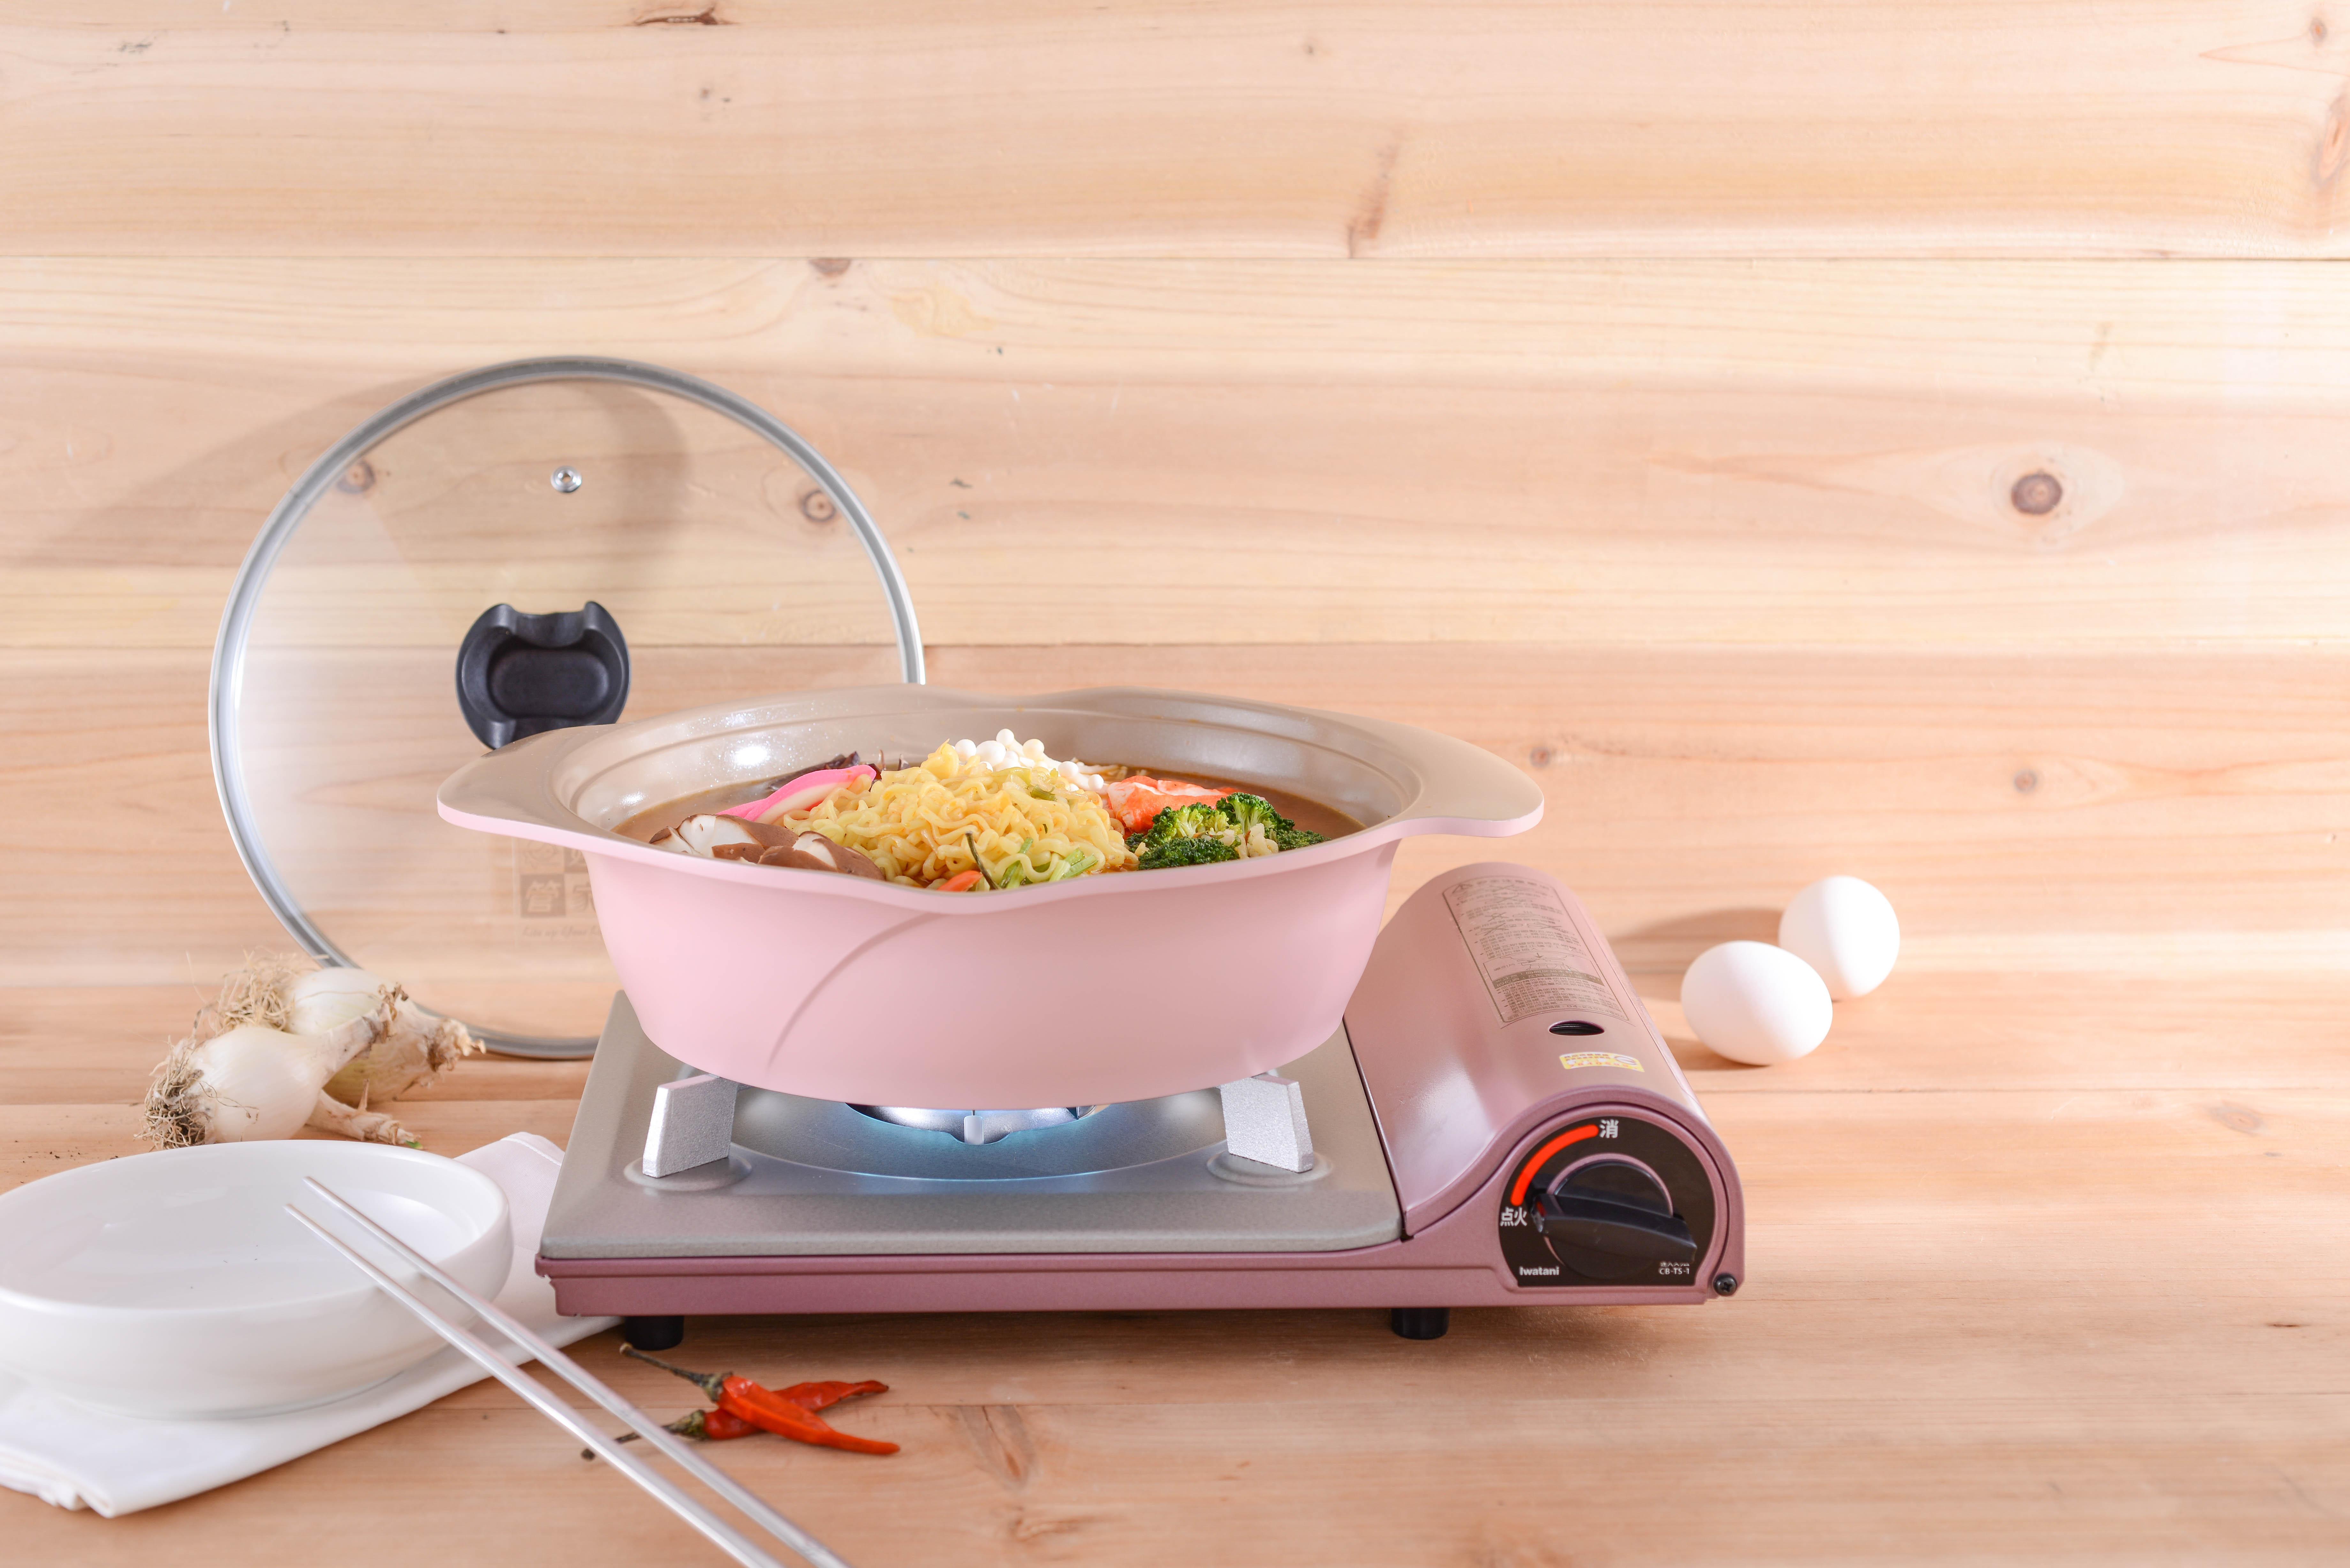 *預購*[火鍋超值組合]日本岩谷Iwatani卡式爐 TS-1 + 雙耳玫瑰鍋24cm  另有卡式爐硬盒超值組 *預計4/17(一) 依序出貨 1